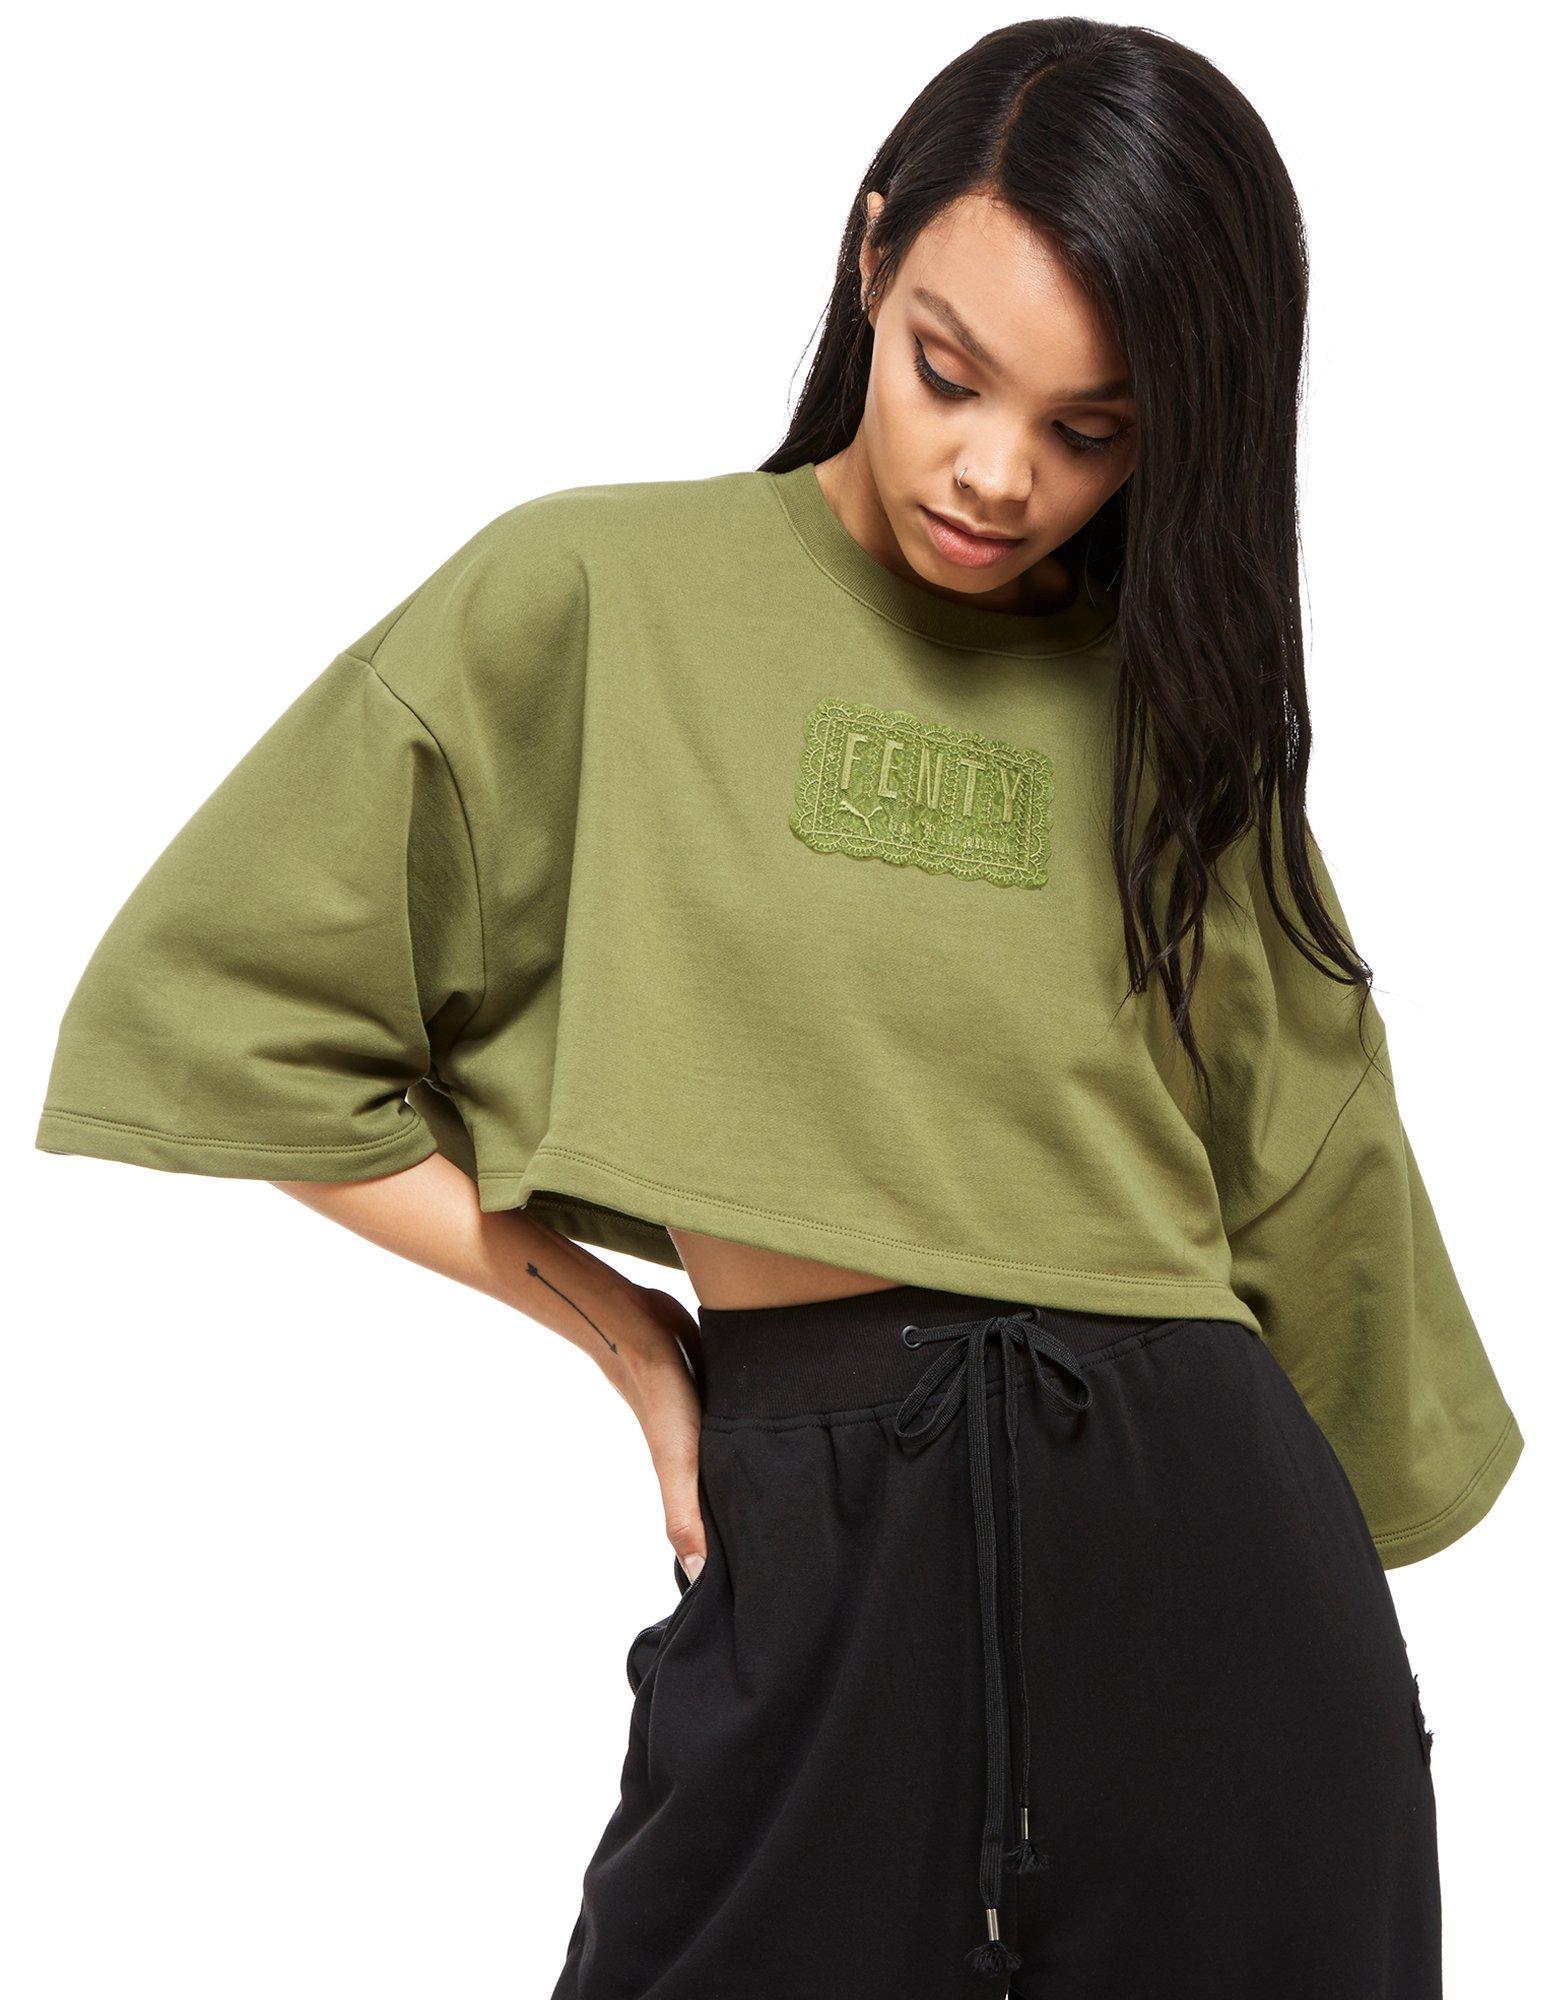 Lyst Puma X Fenty Crop T Shirt In Green